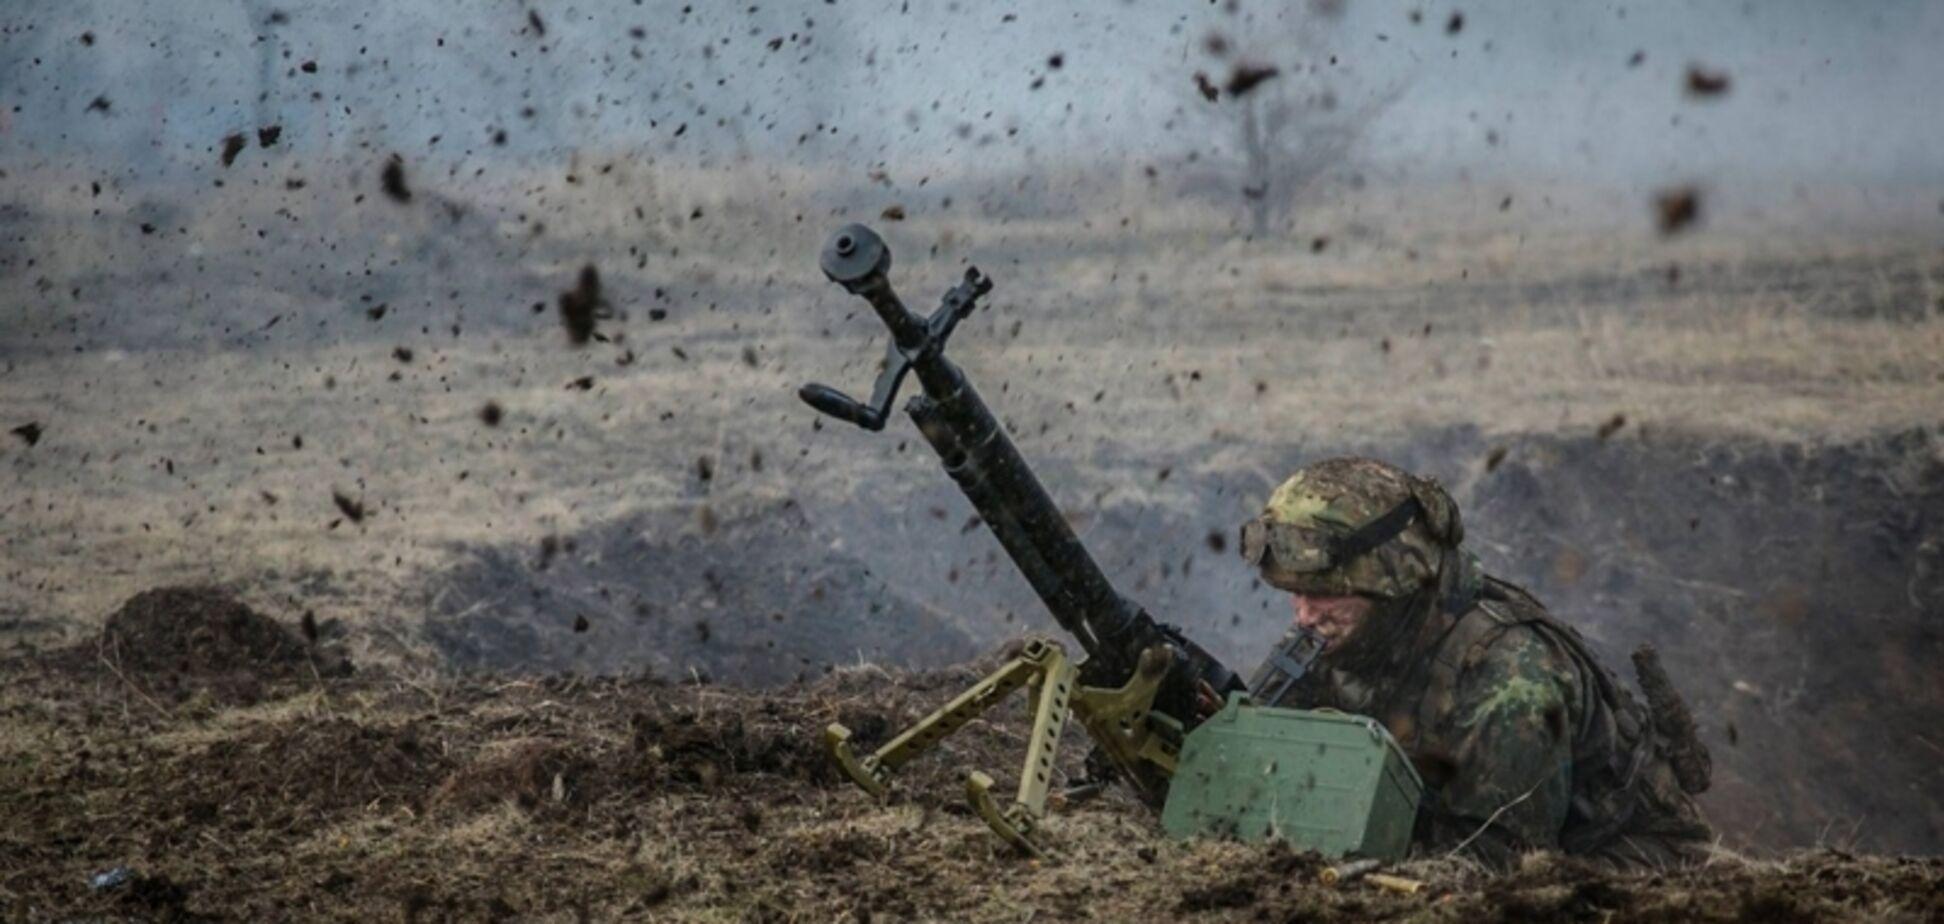 Сили ОС потужно вдарили по 'Л/ДНР': у терористів серйозні втрати